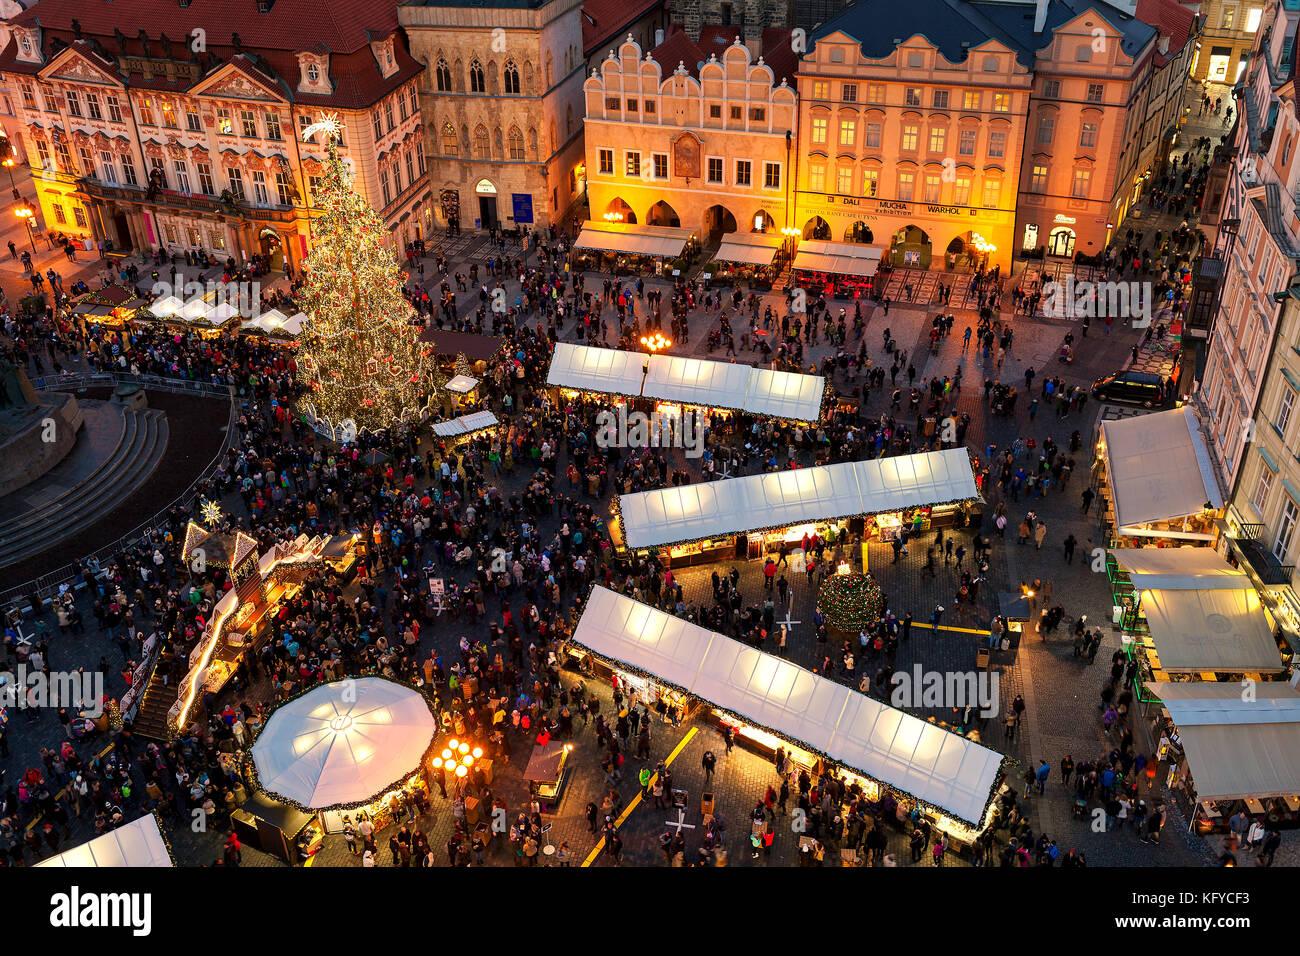 Praga, Repubblica Ceca - 11 dicembre 2016: vista da sopra il famoso e tradizionale mercatino di Natale in Piazza Immagini Stock